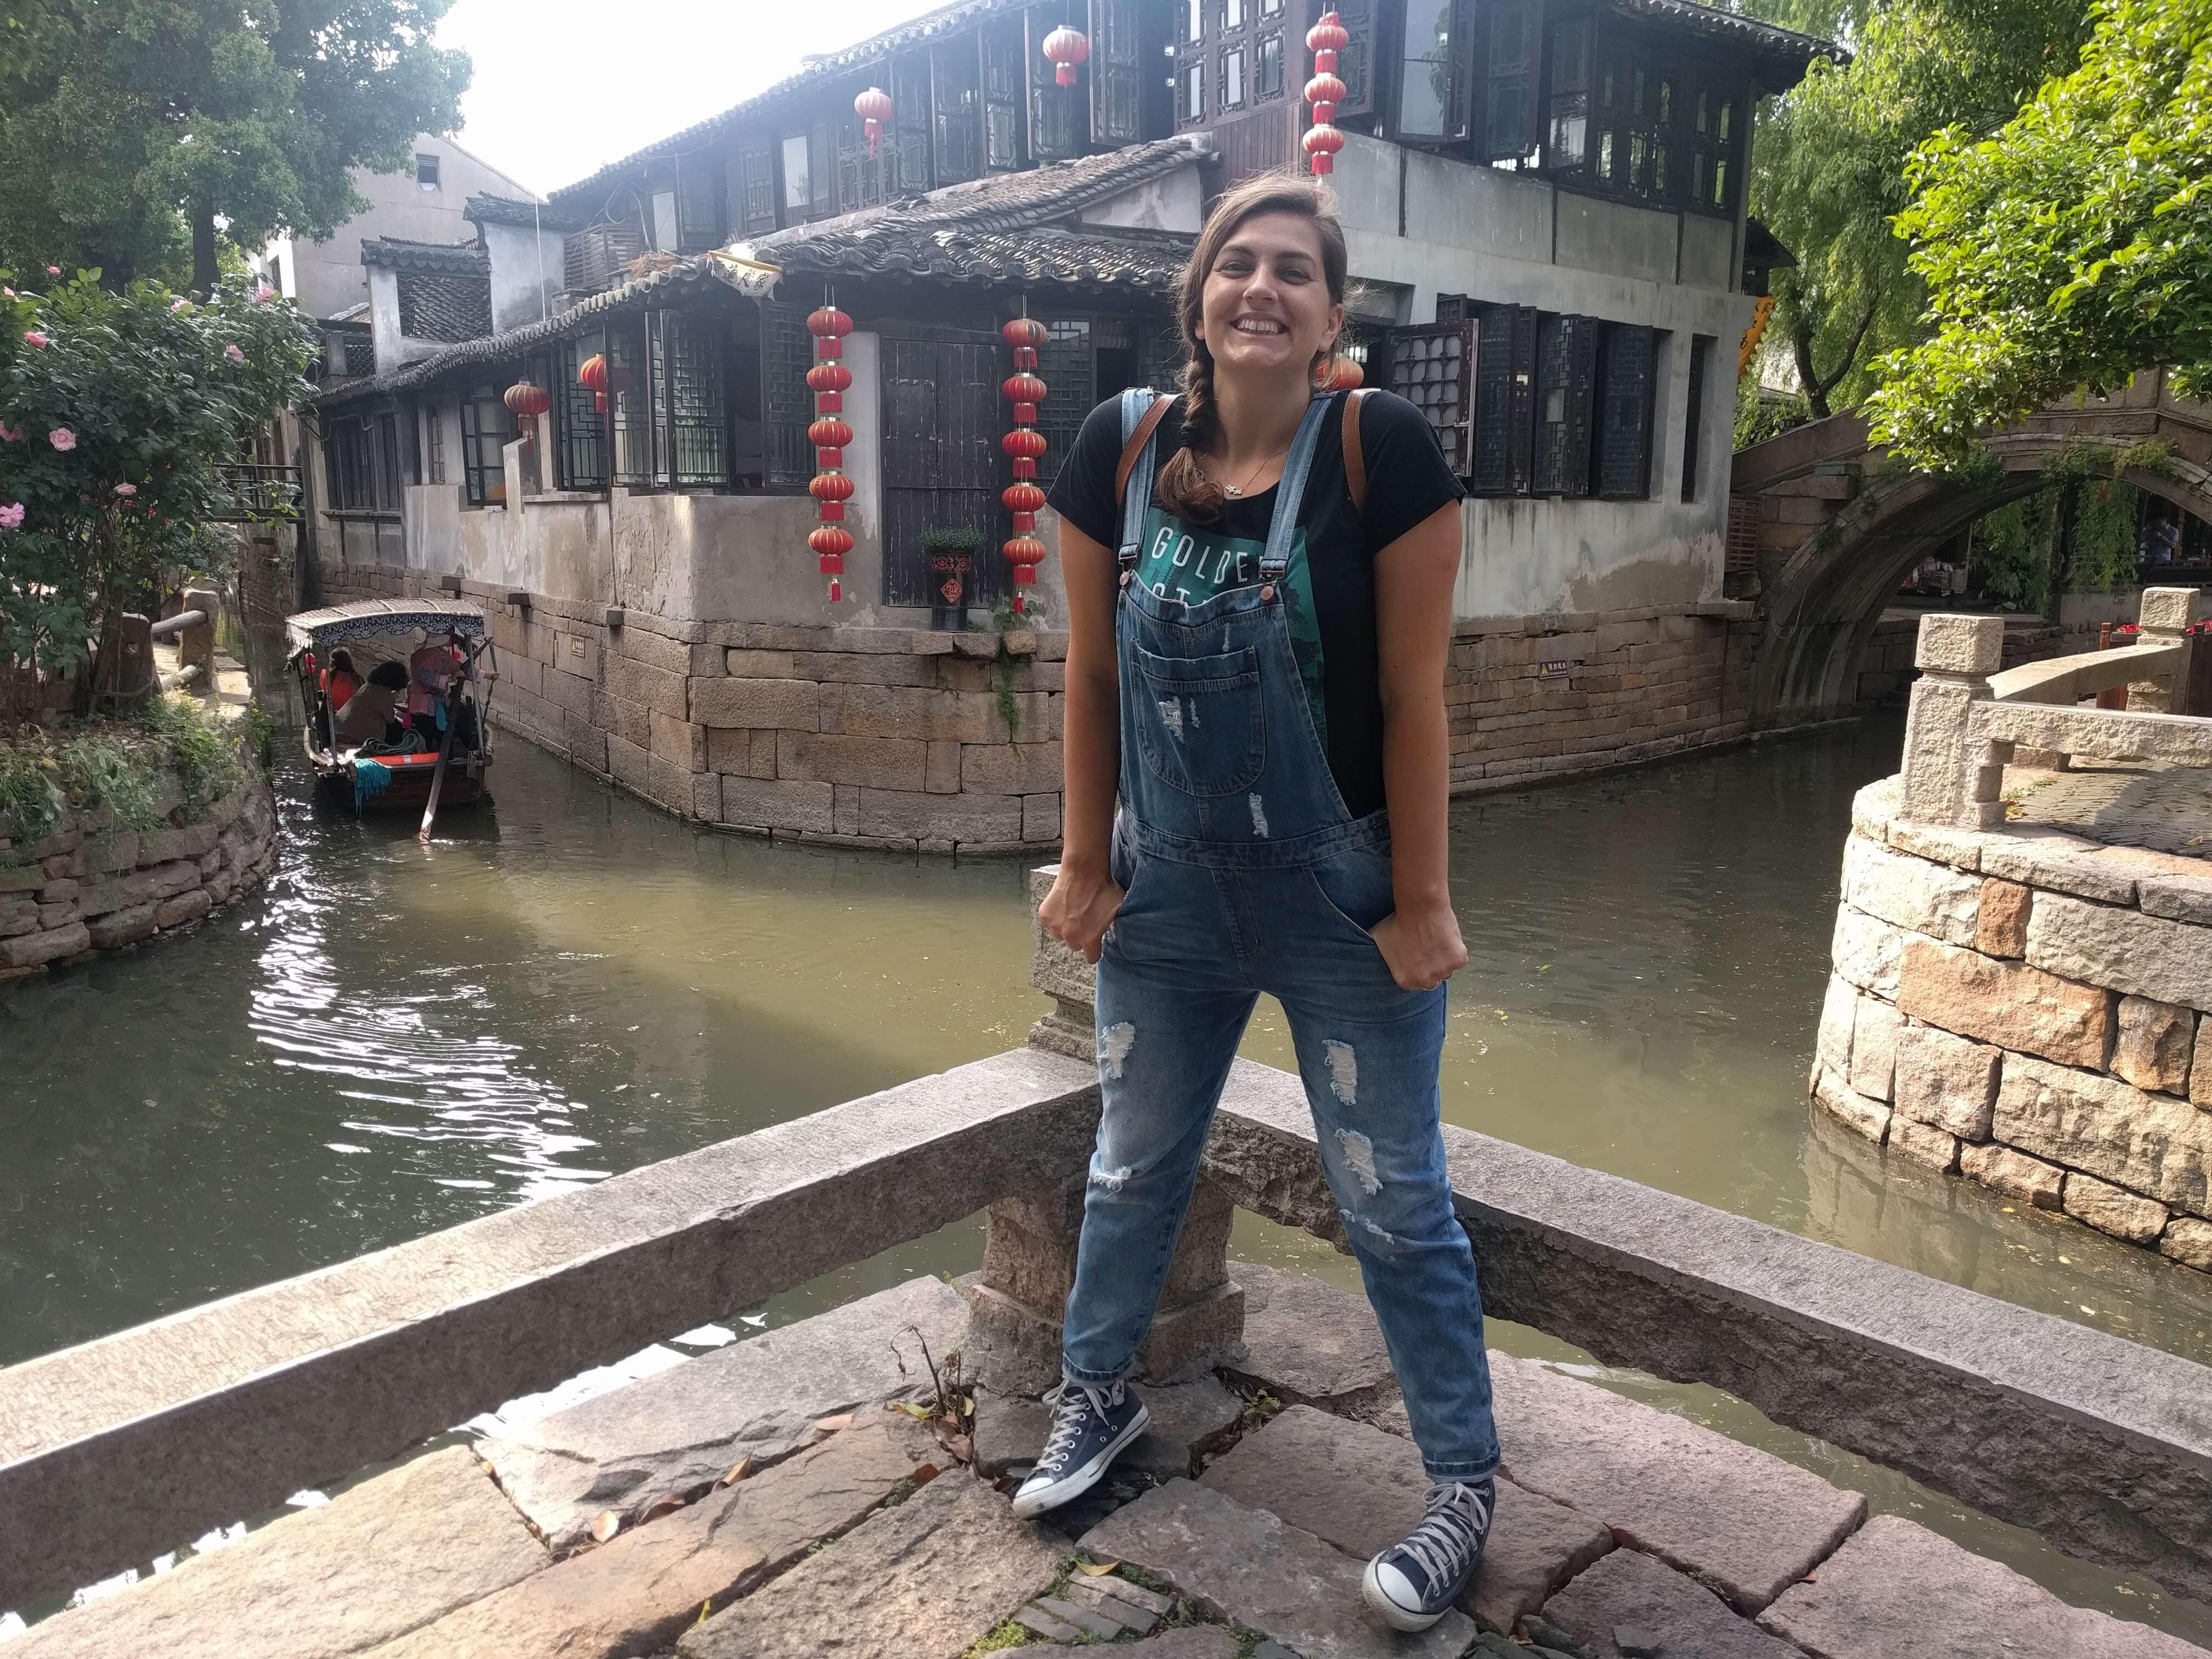 @rominitaviajera en Luzhi, pueblo con canales cerca de Shanghái, China, 2017